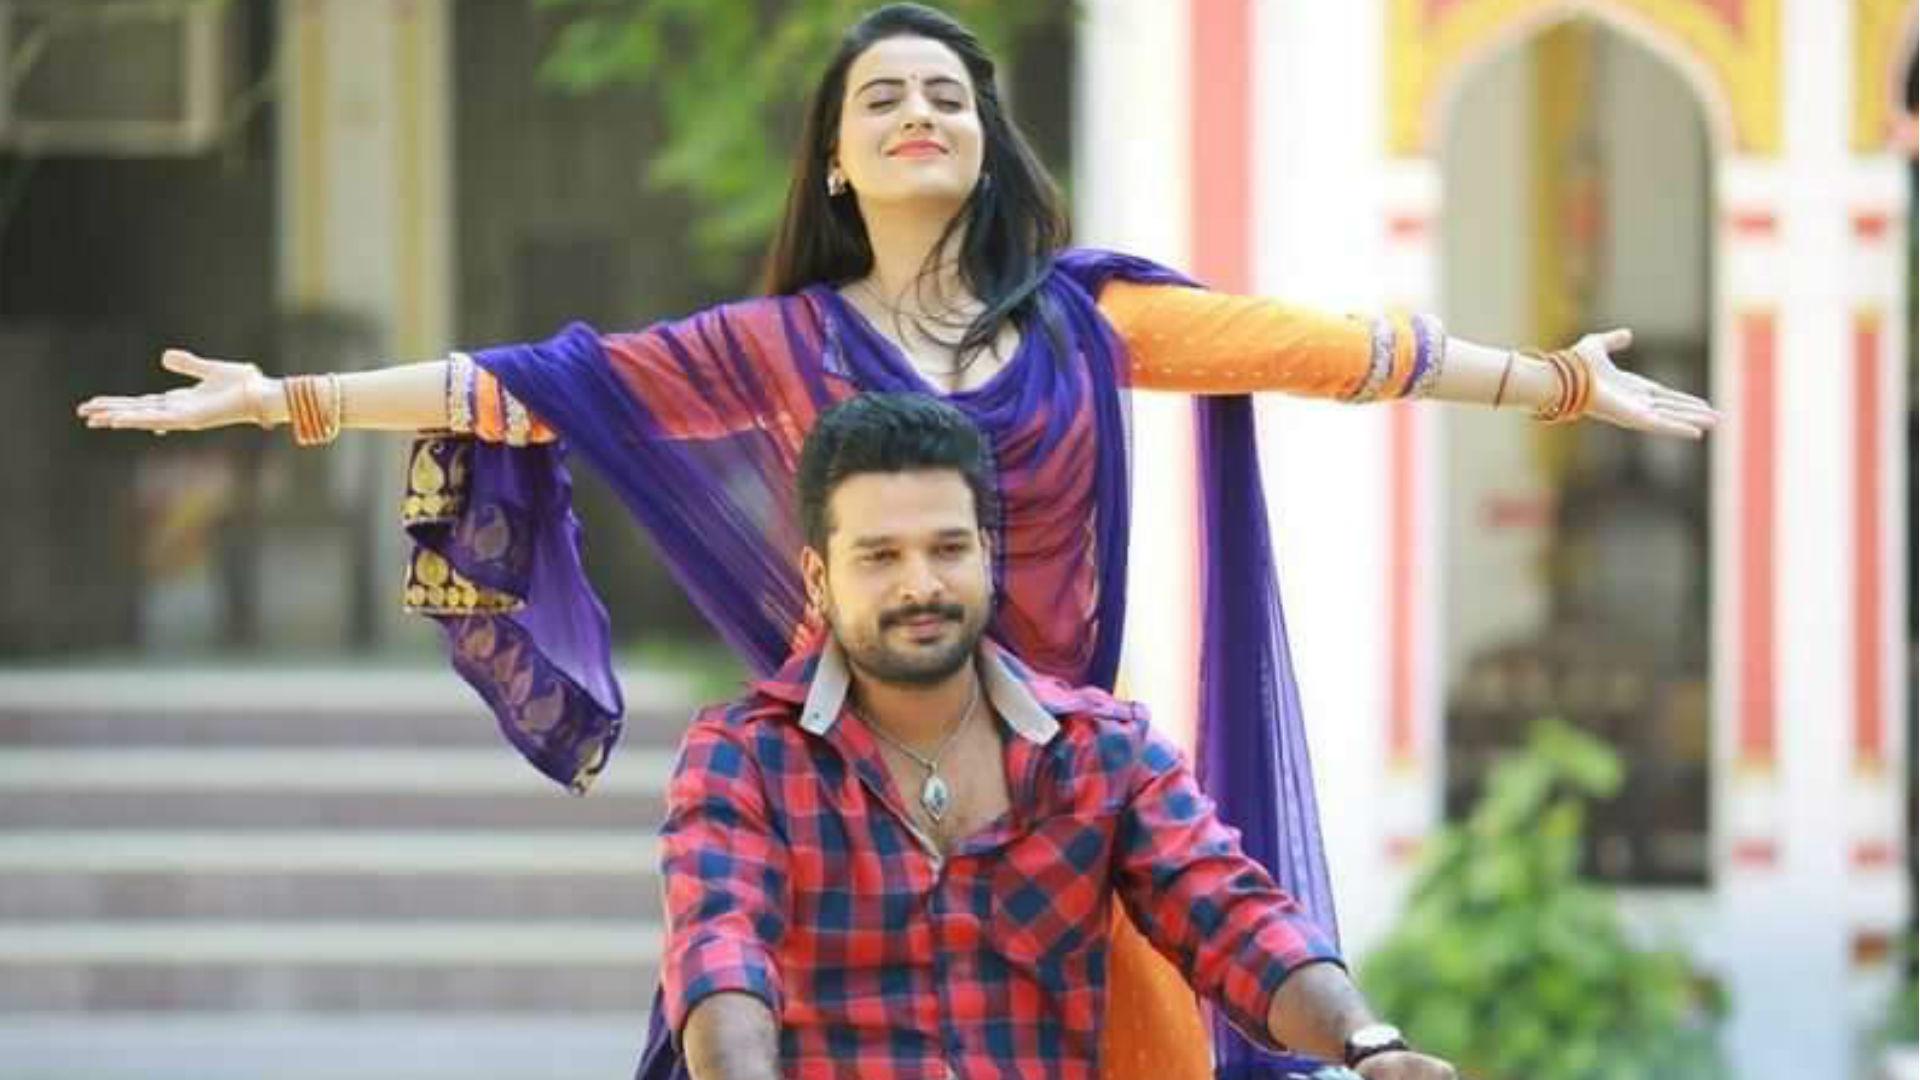 भोजपुरी फिल्म राजा राजकुमार के बाद फिर दिखेगी अक्षरा सिंह-रितेश पांडे की जोड़ी, इस दिन से शुरू होगी शूटिंग